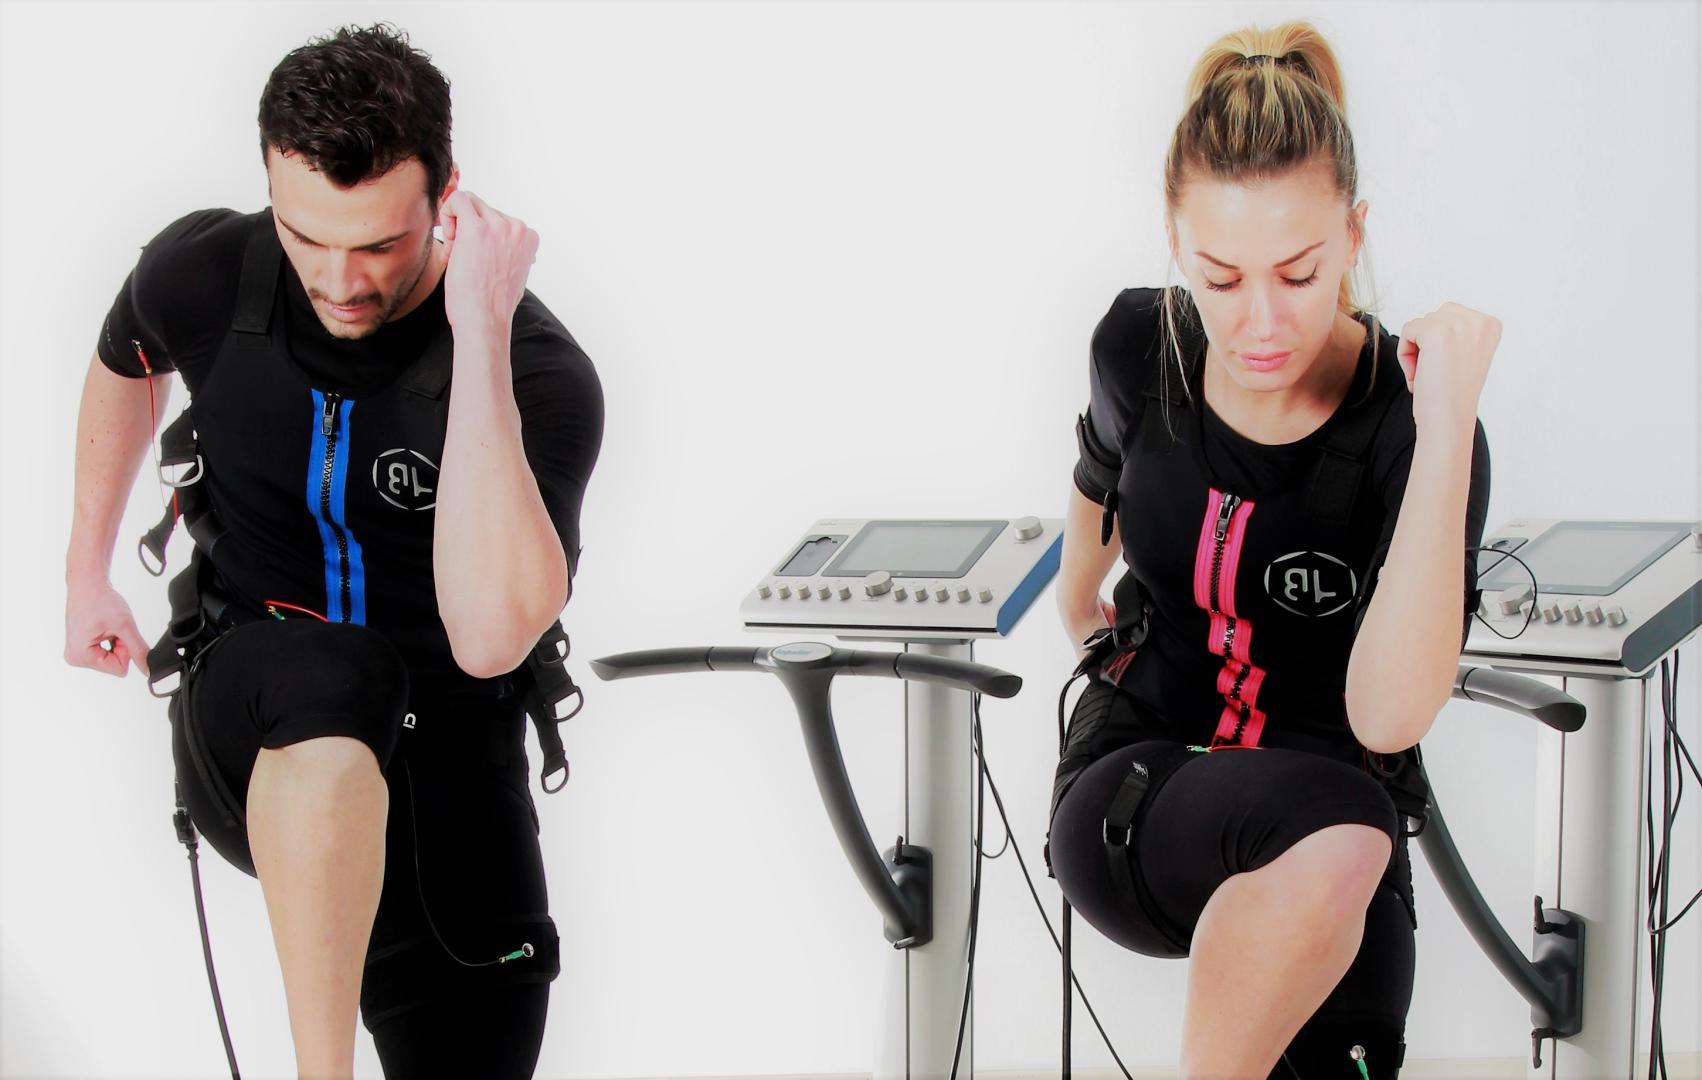 ejercicio electroestimulacion